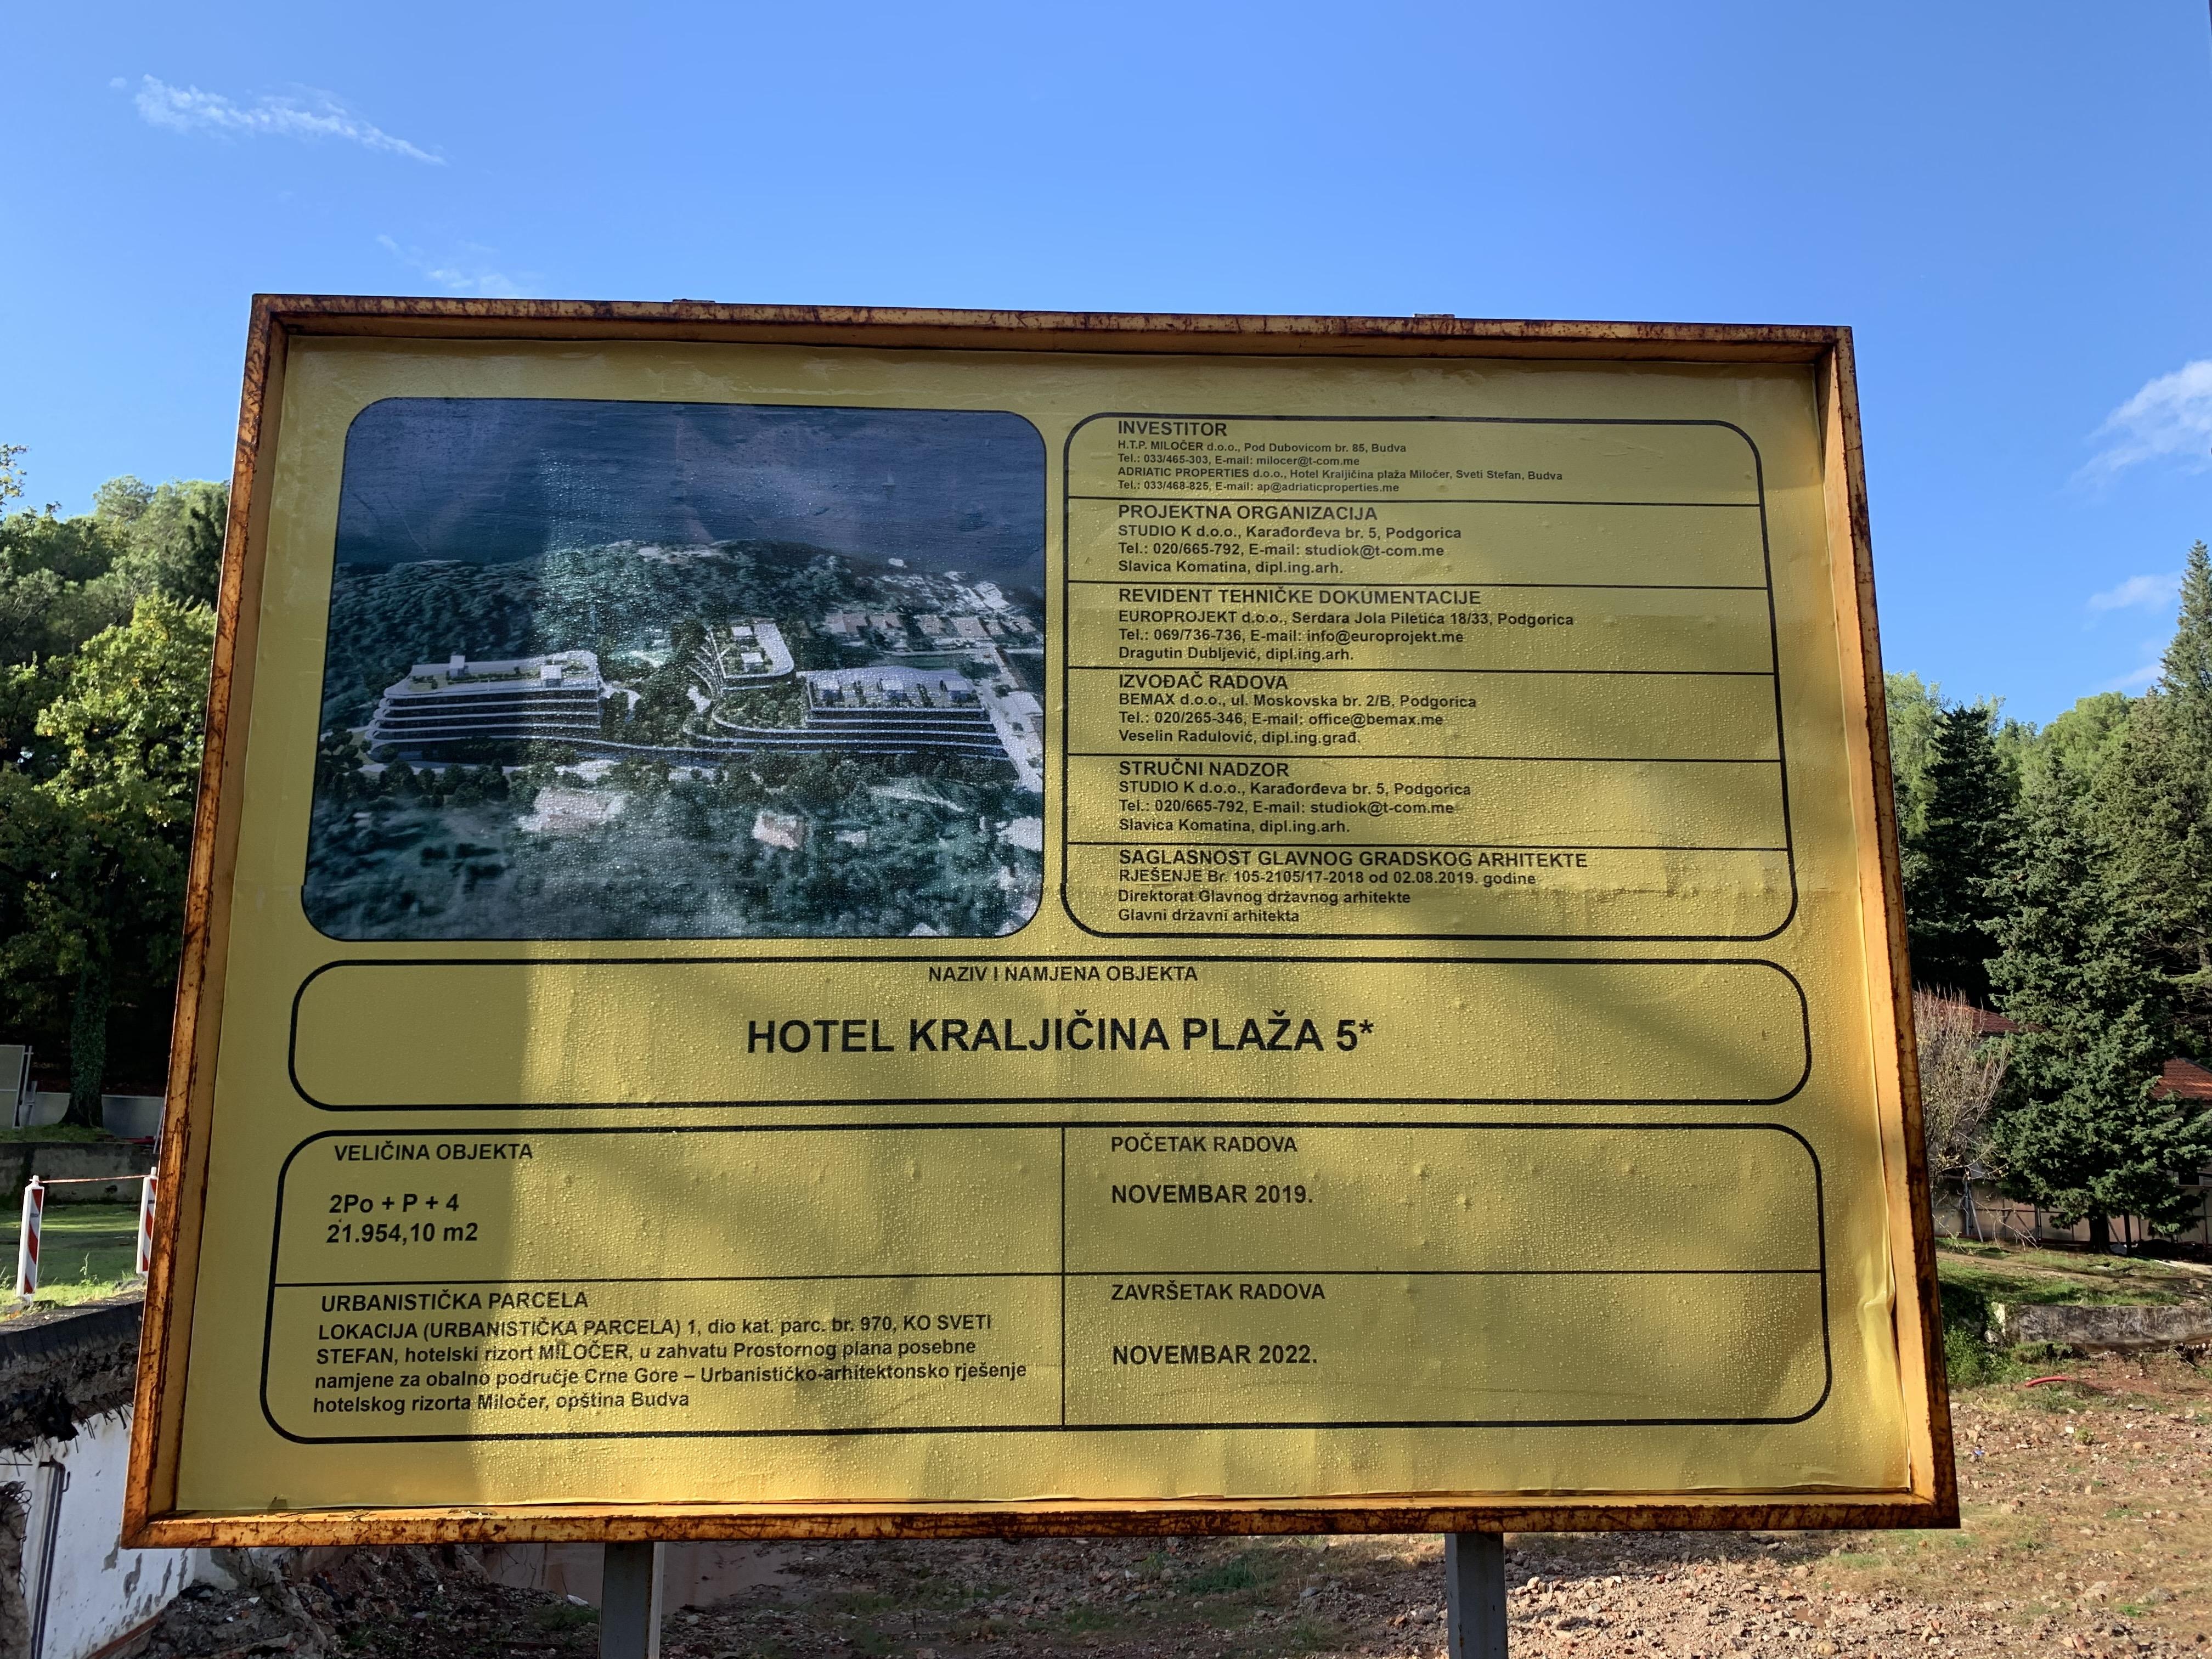 Hotel Kraljičina plaža